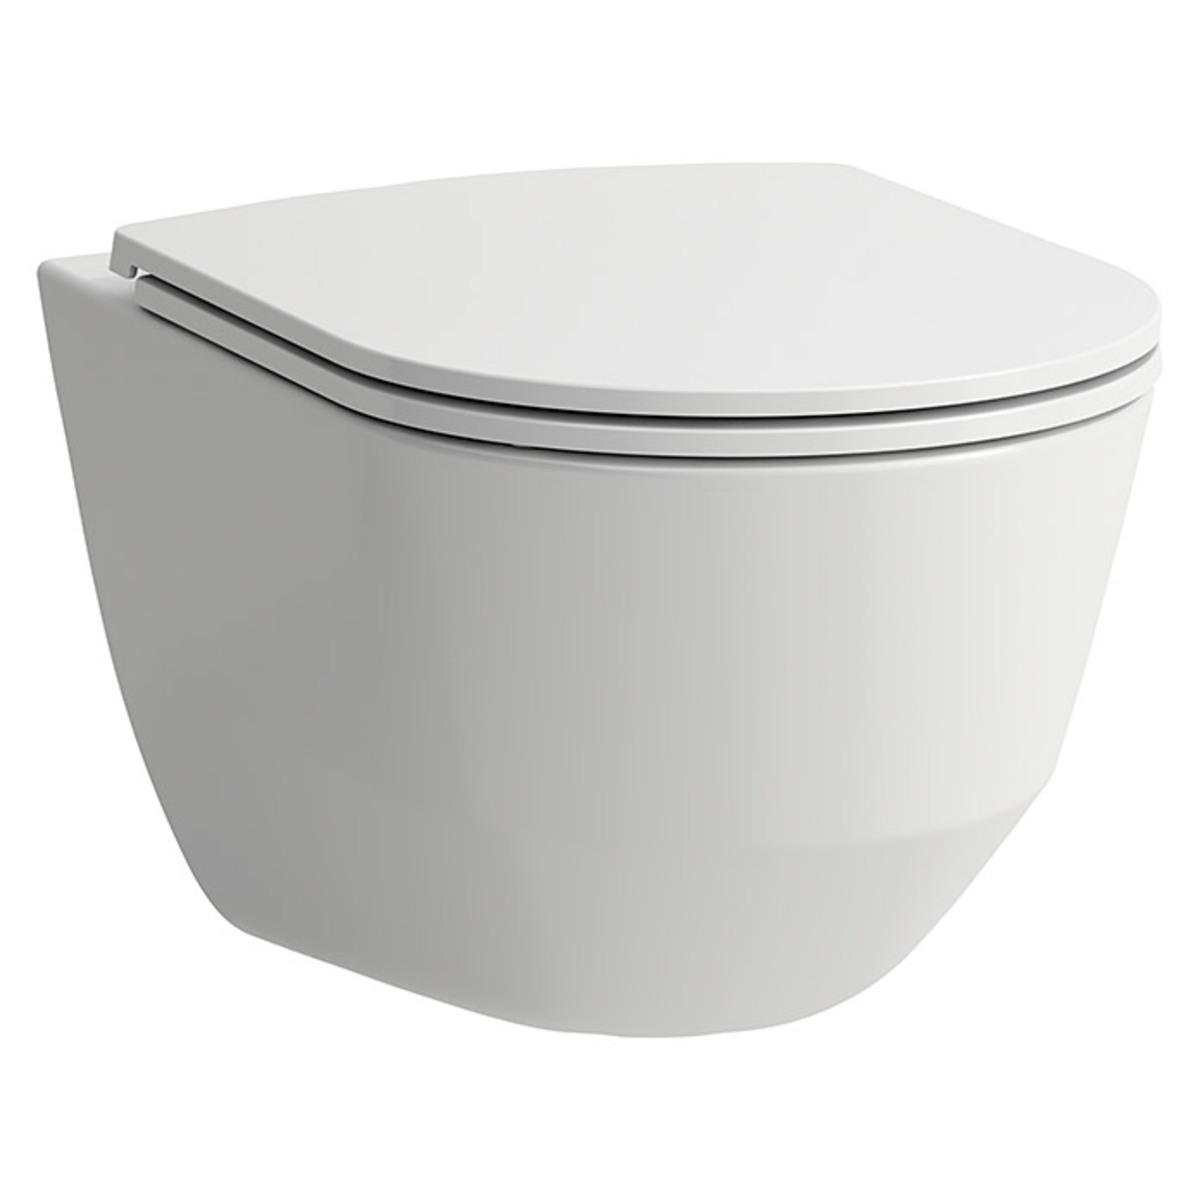 Bild 1 von Laufen Pro Spülrandloses Wand-WC